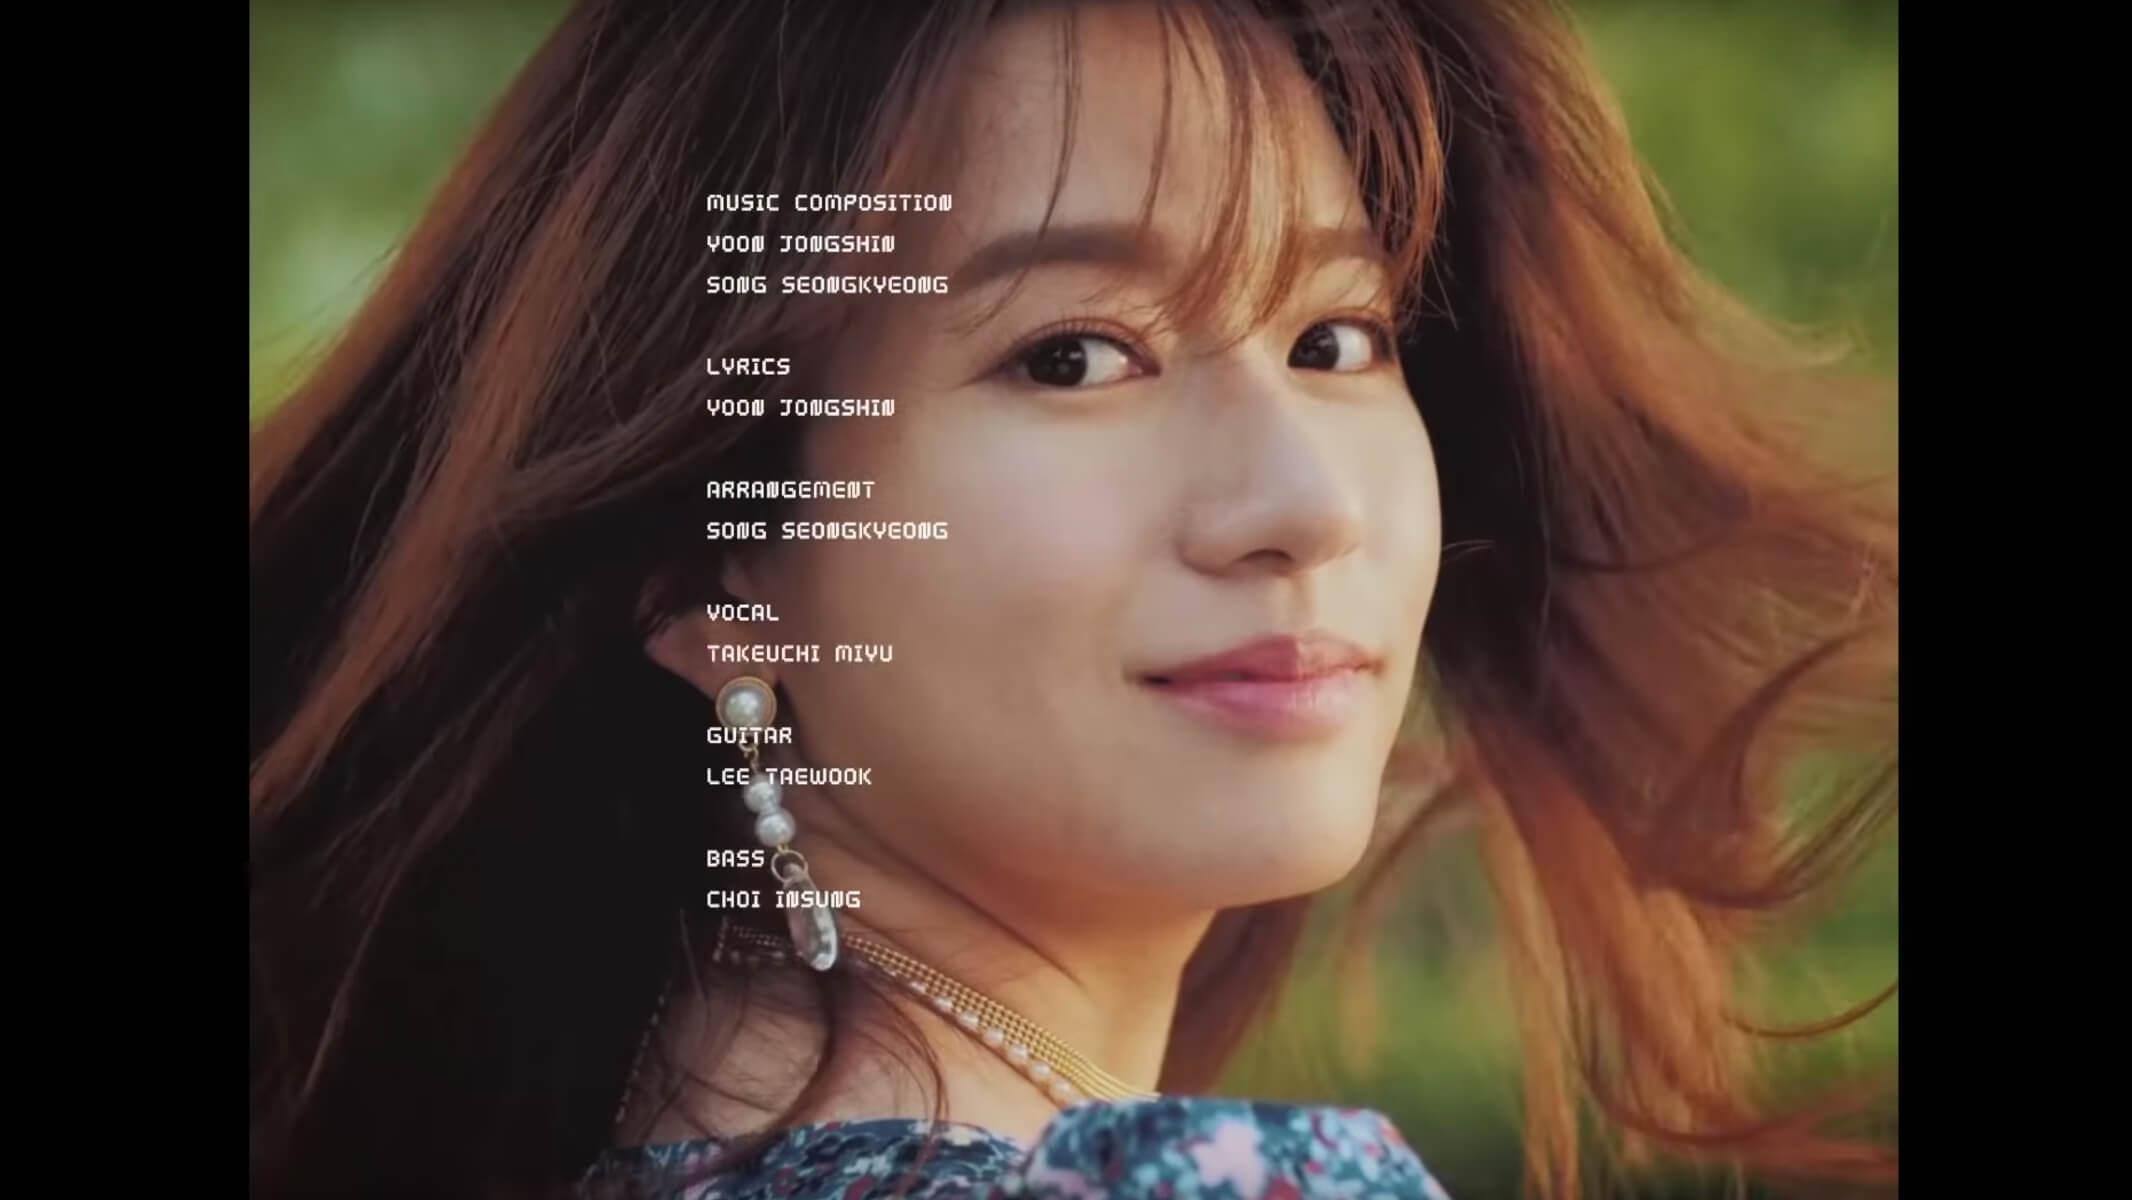 元AKB48竹内美宥 「私のタイプ」月刊ユン・ジョンシン10月号でデビュー ...